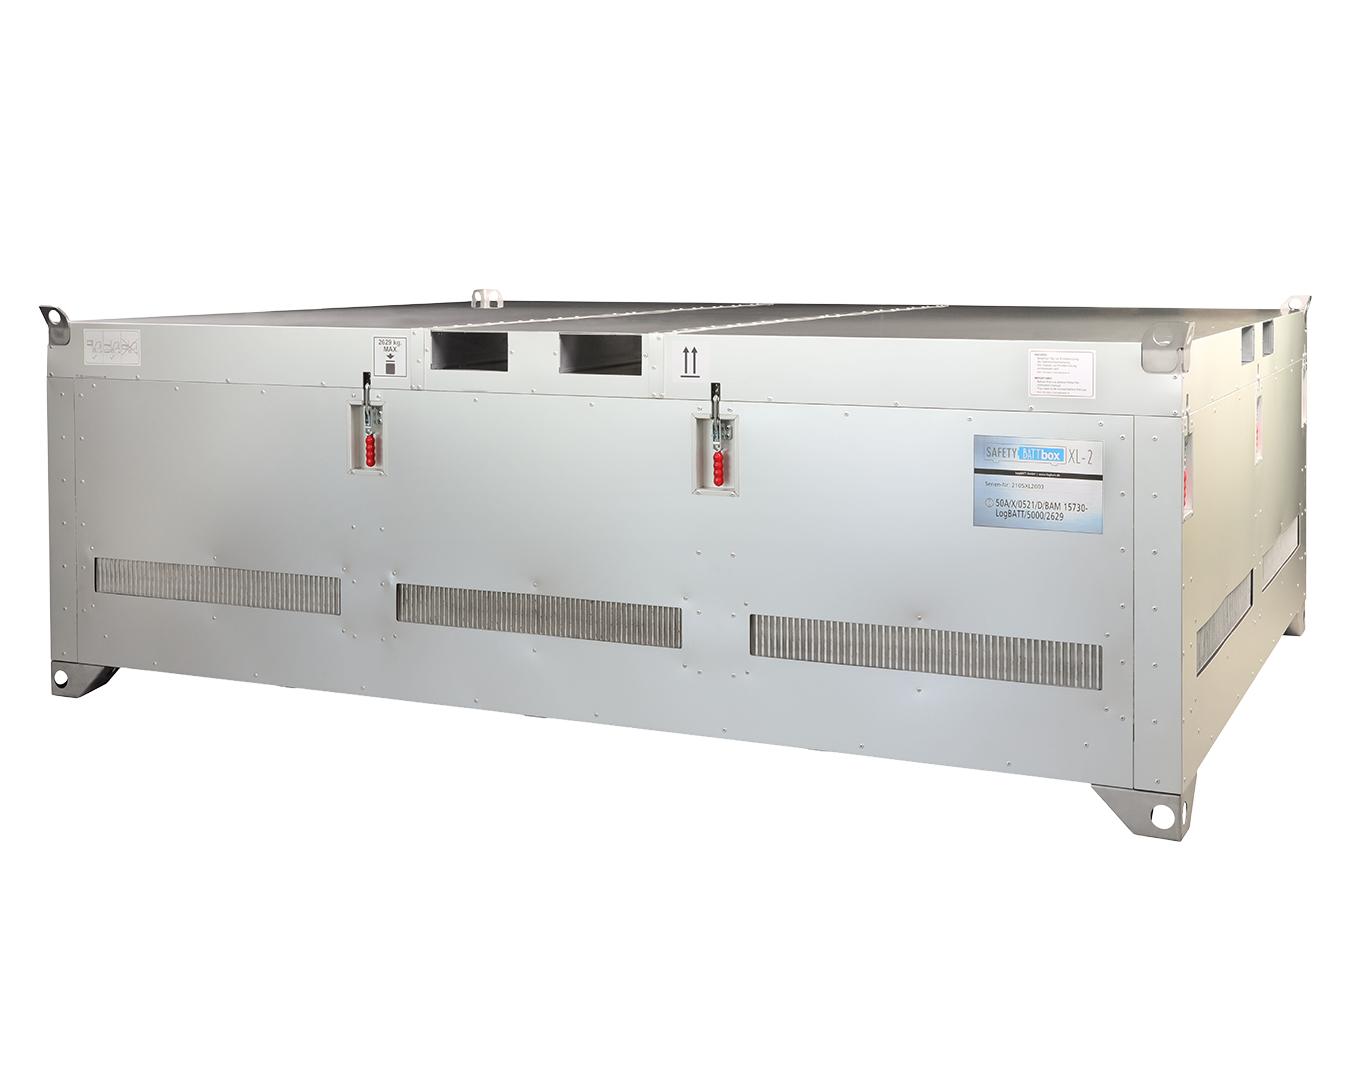 SBB XL2 frontal lang oben 1350x1080px